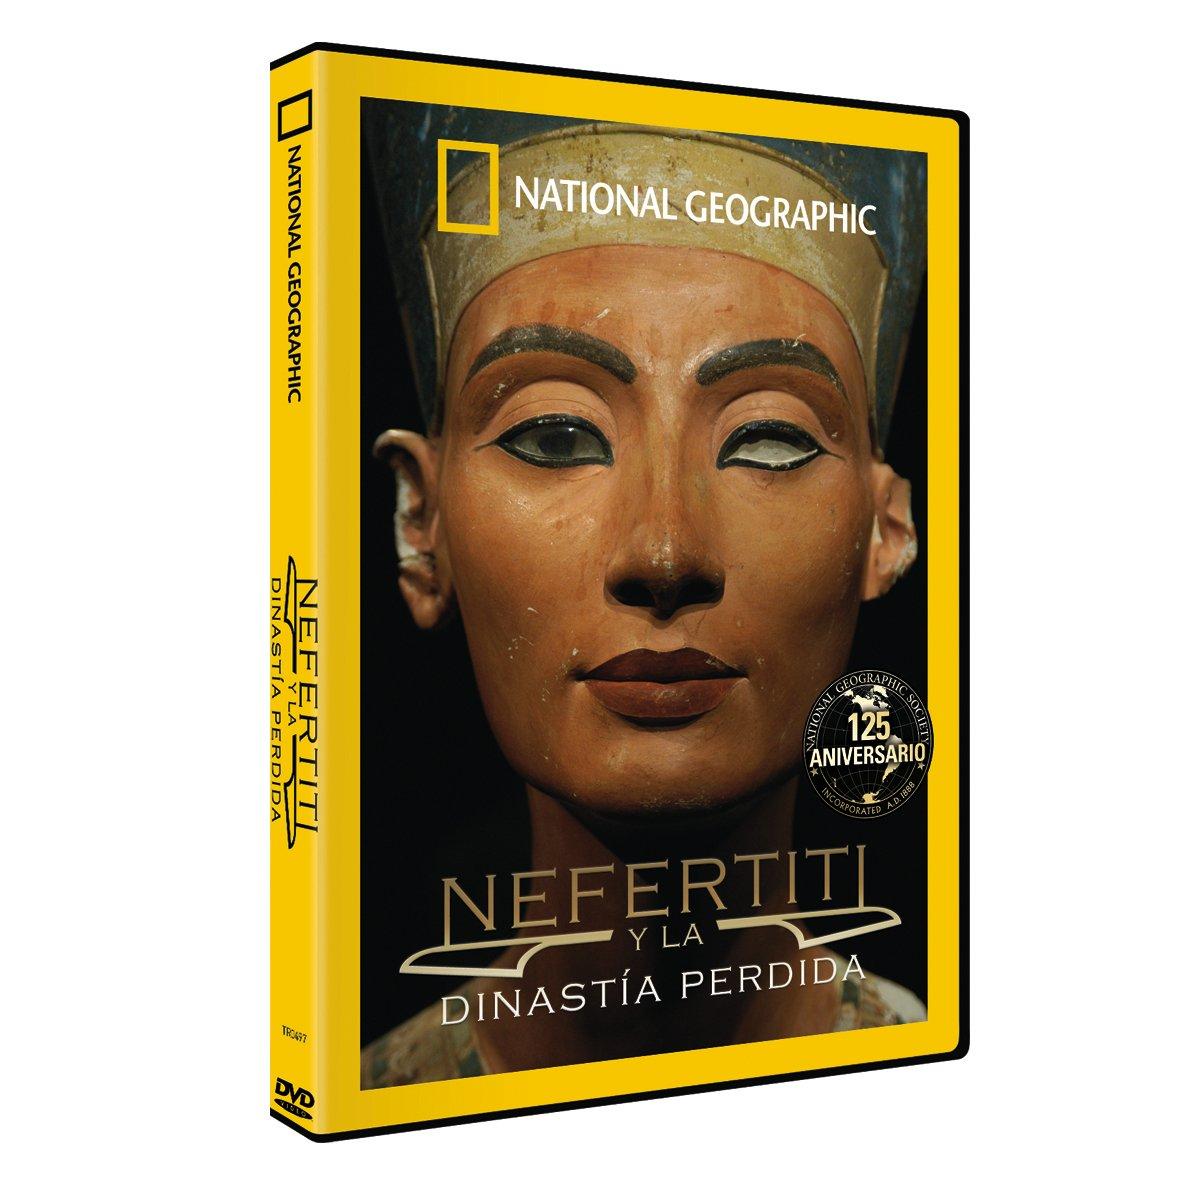 Amazon.com: Nefertiti Y La Dinastía Perdida (Import Movie ...